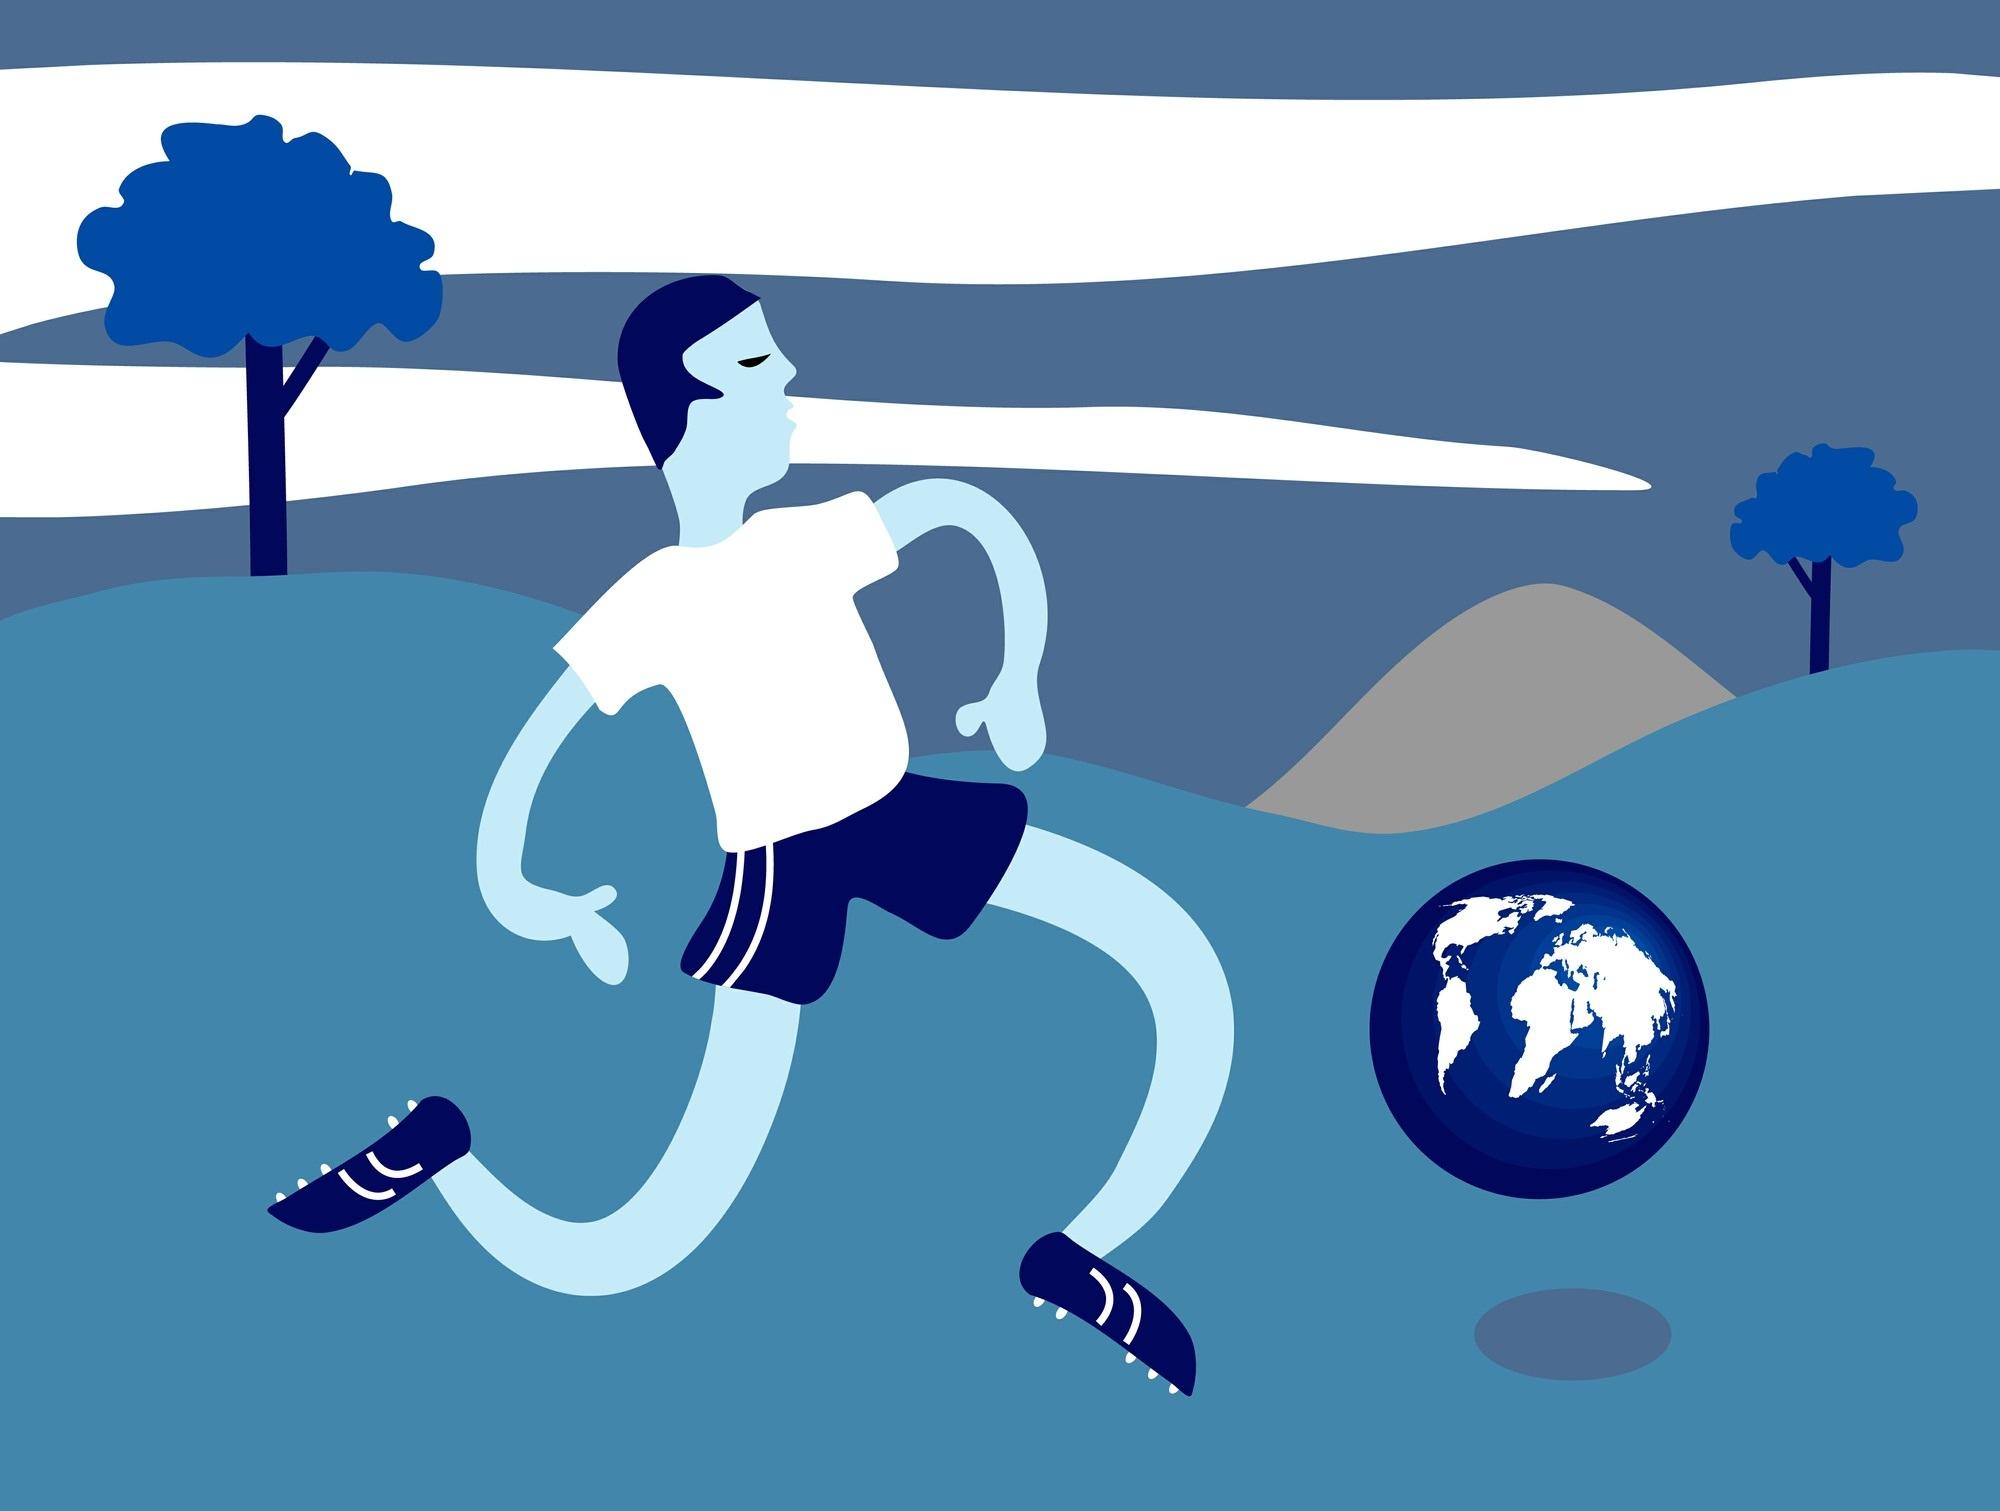 uomo, Gioco del calcio, Terra, Palloncino, gioco - Sfondi HD - Professor-falken.com